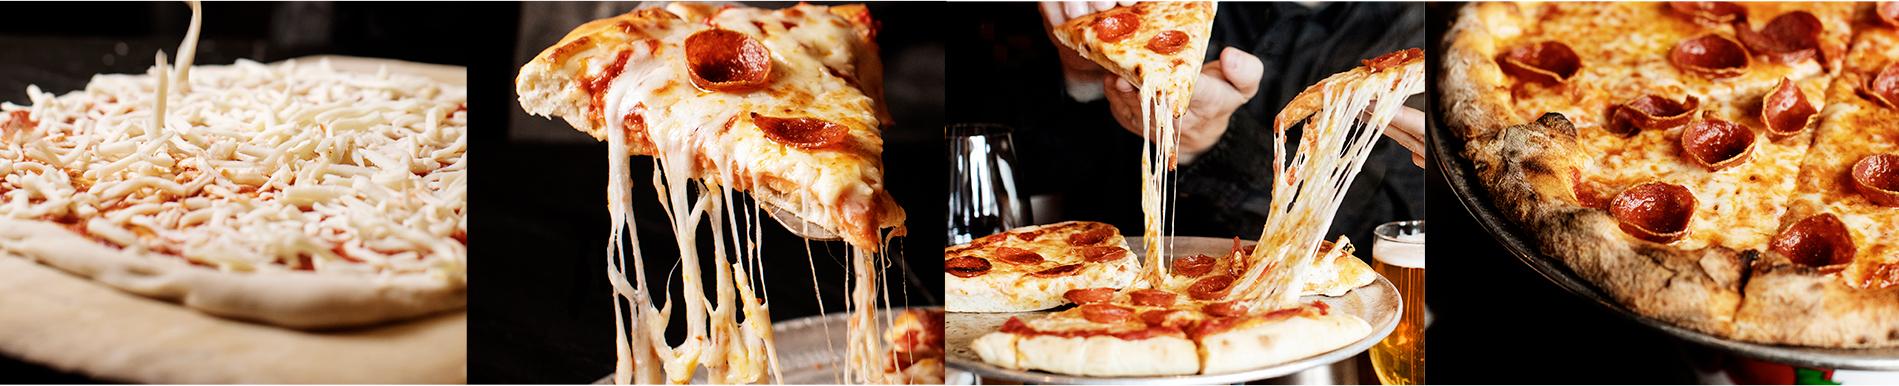 photos of pizzas that use Bacio pizza cheese